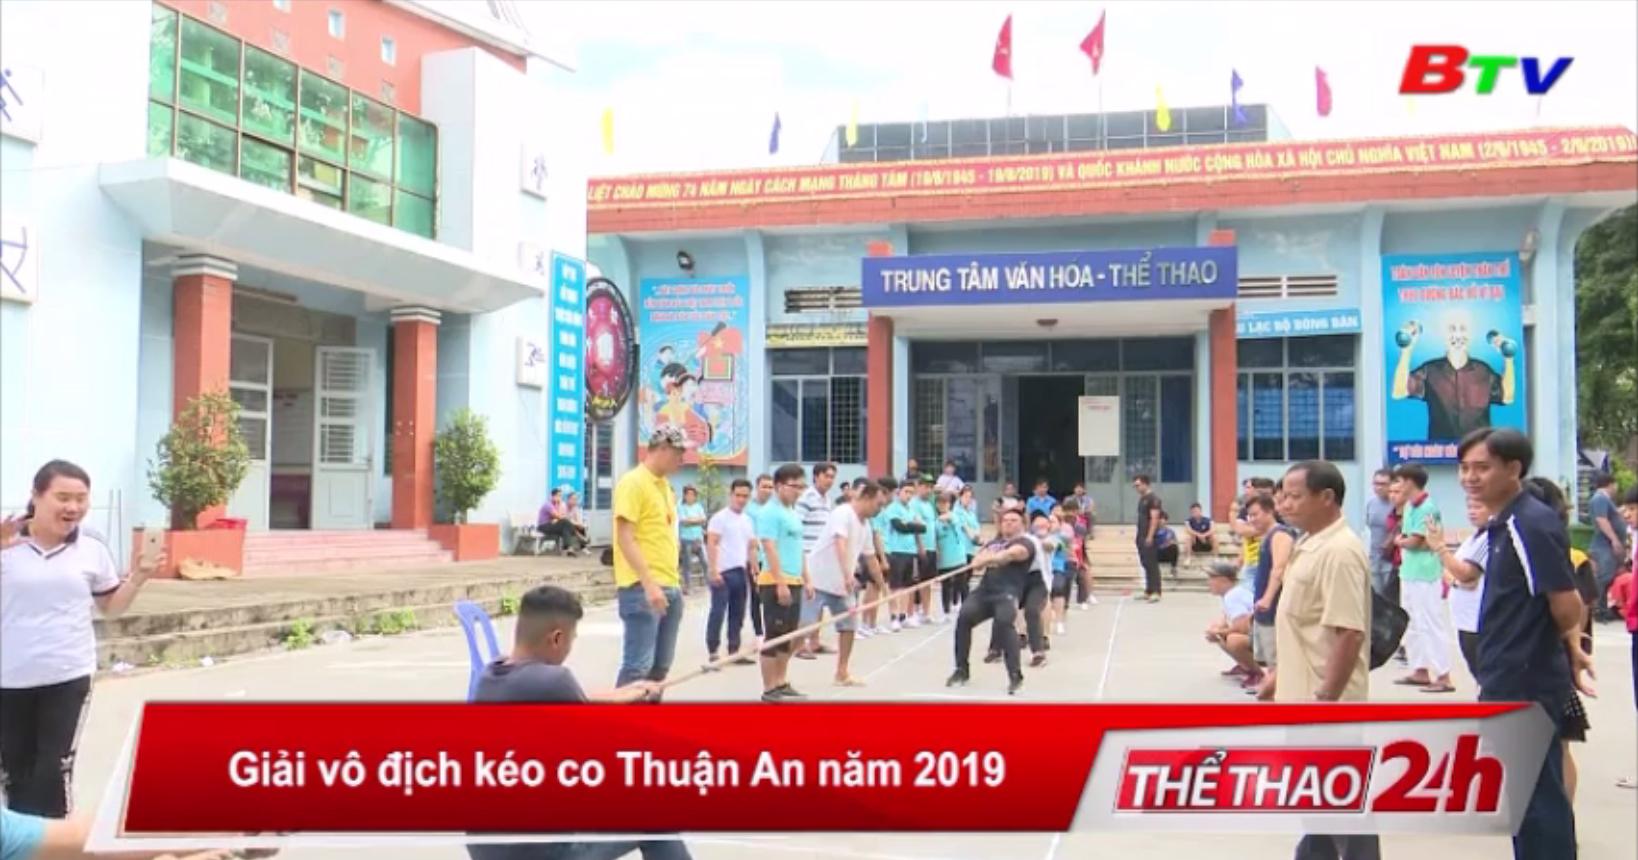 Giải vô địch kéo co thị xã Thuận An năm 2019